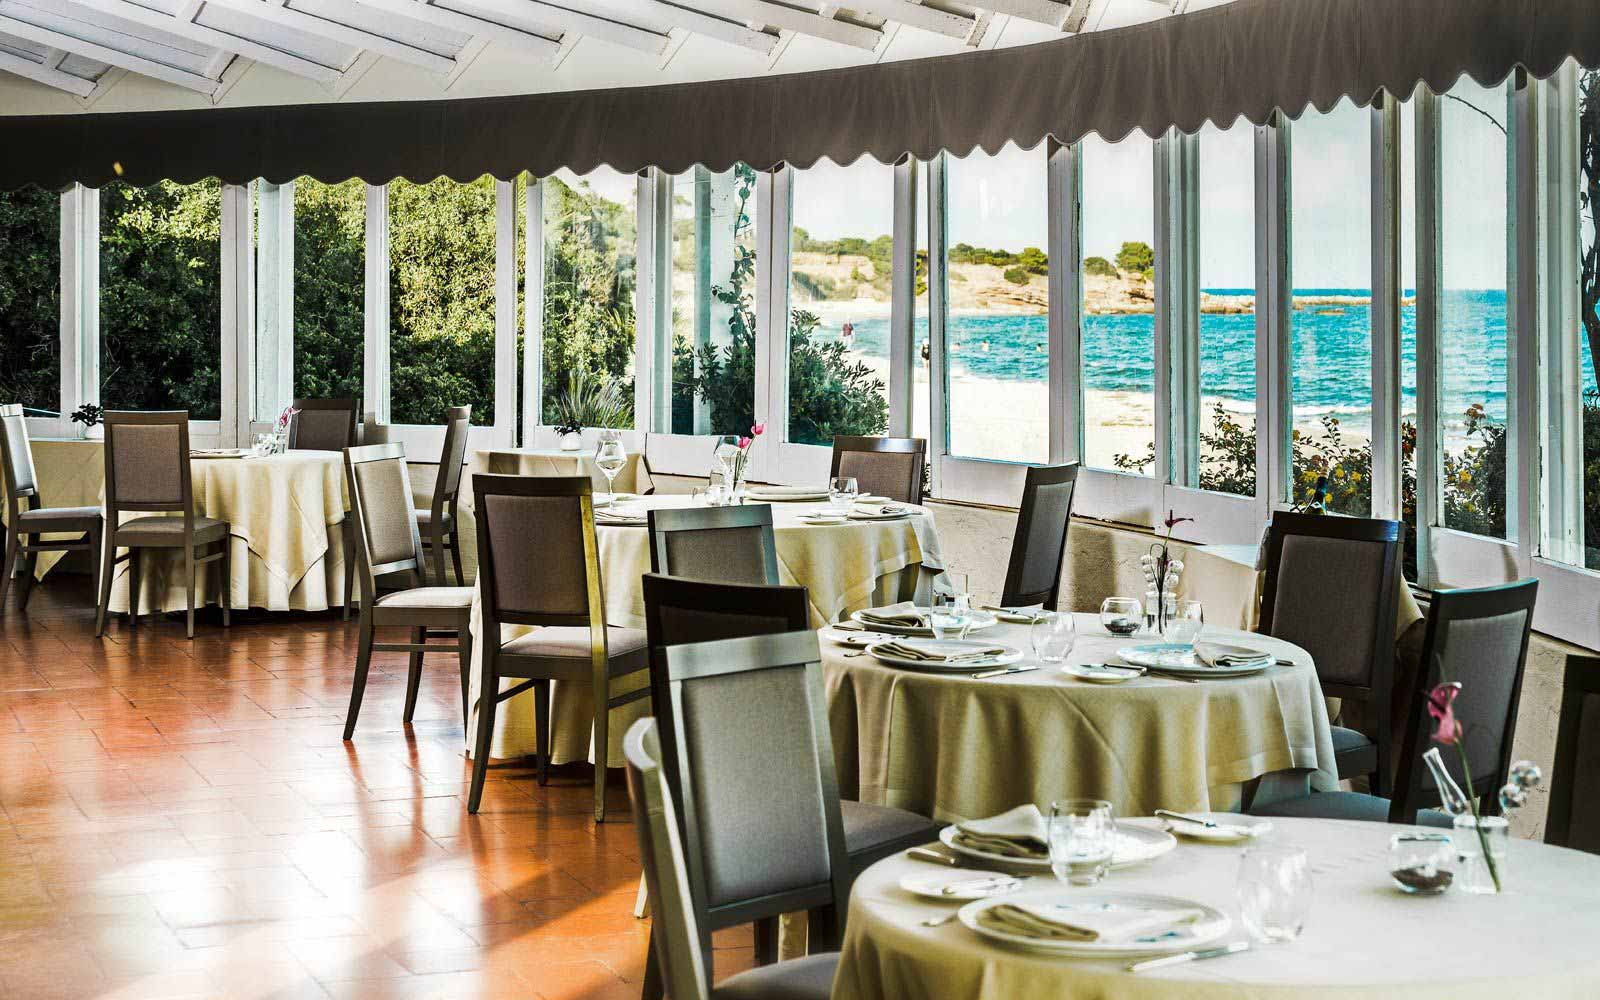 Le Dune Restaurant at Forte Village Resort